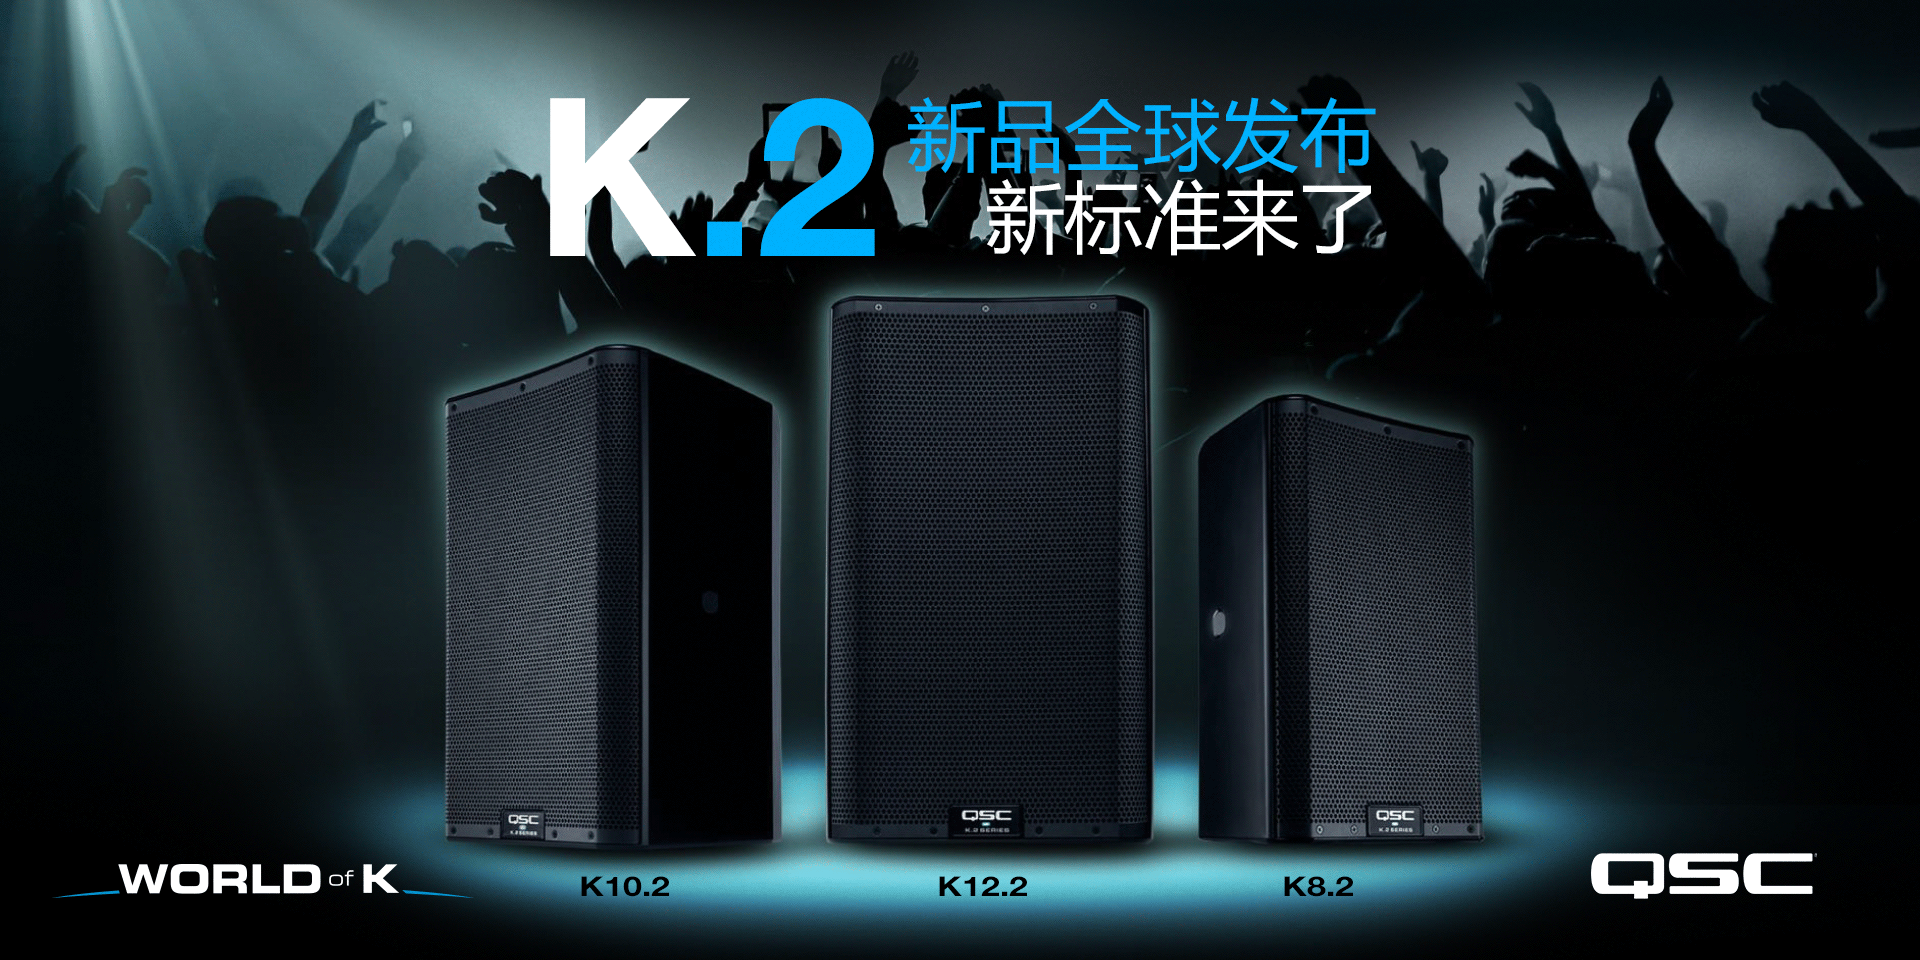 QSC K.2系列新品目前发布,创造行业新标准